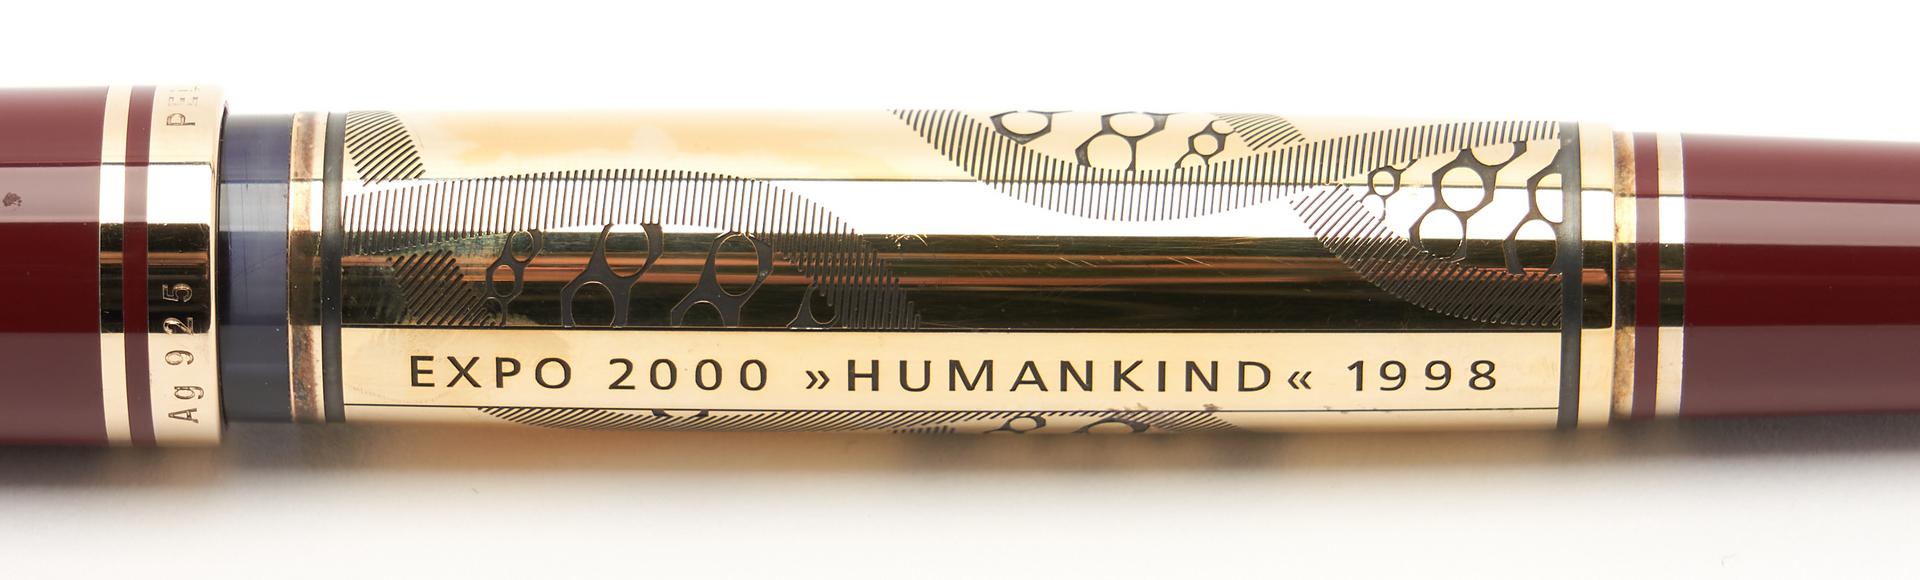 Lot 67: 7 Pelikan Pens & Pencils, incl. Ltd. Ed. Expo 2000